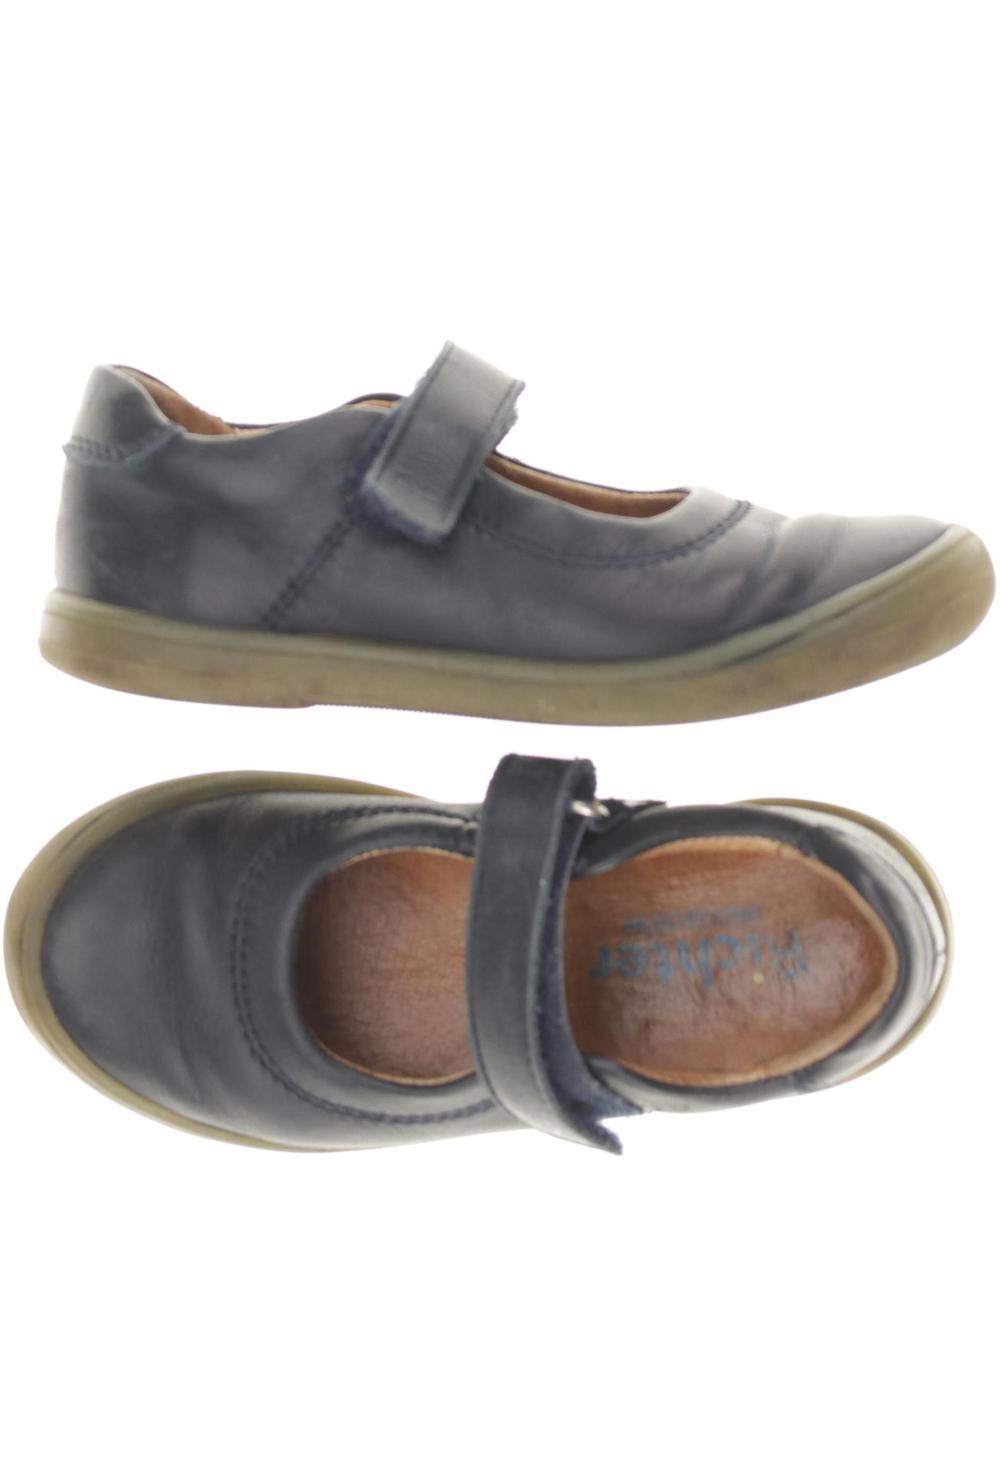 VANS Herren Sneakers DE 42 Second Hand kaufen | ubup